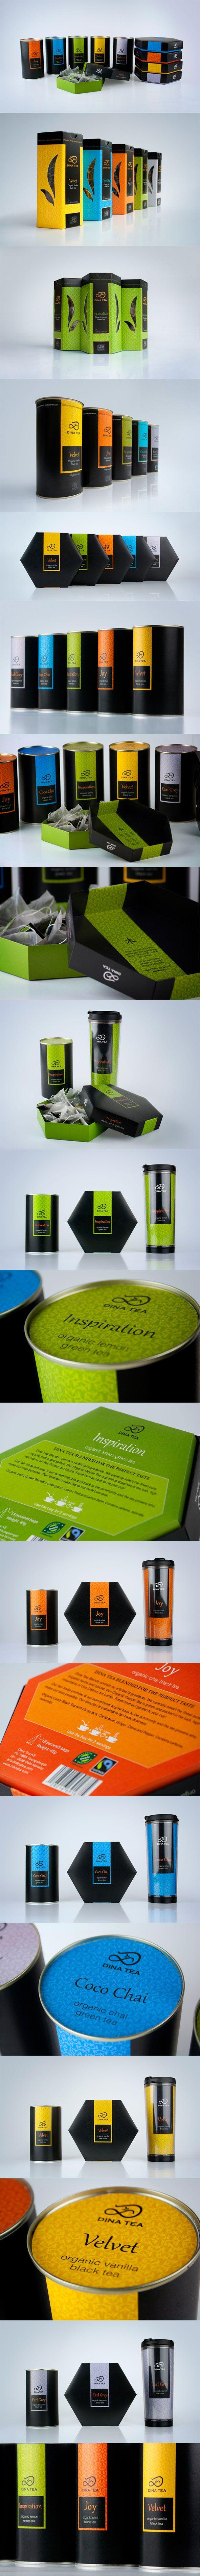 Dina Tea packaging via Behance     CB